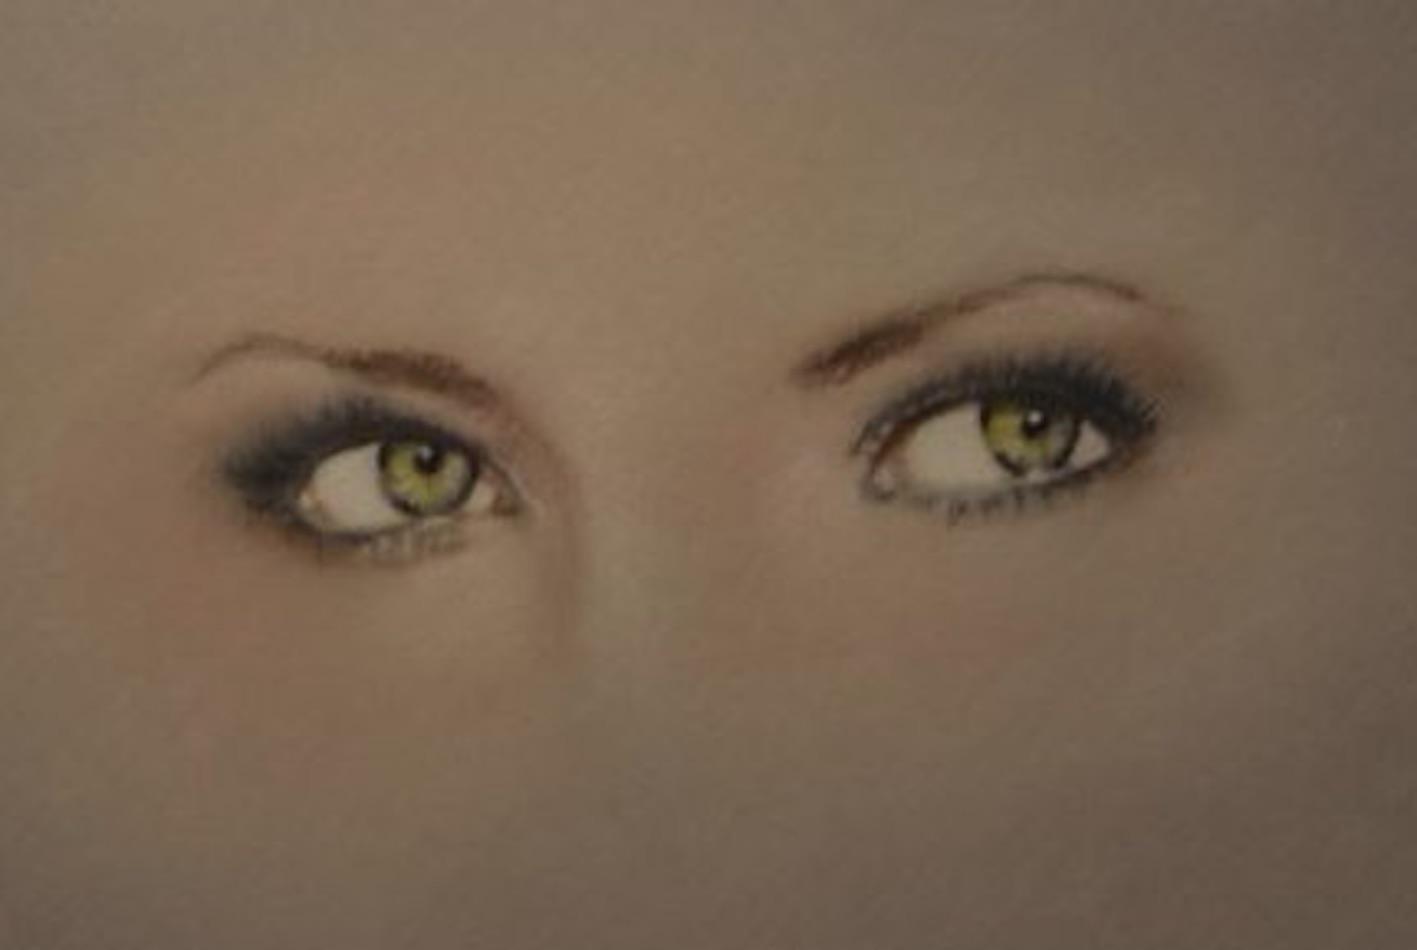 regard pastel focus